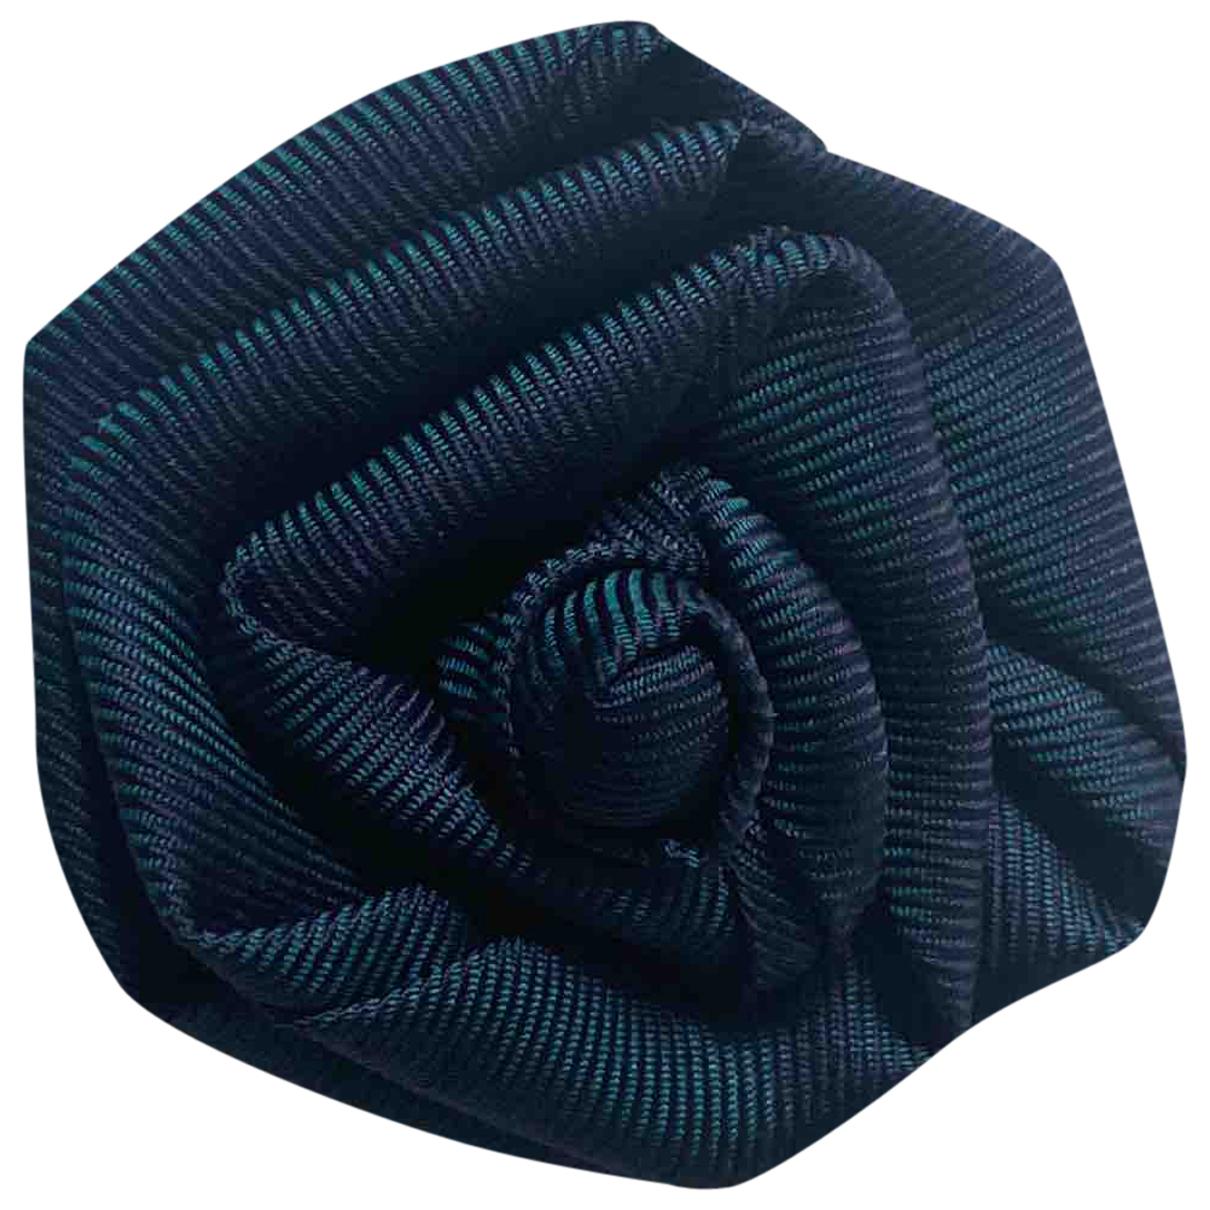 Charvet \N Manschettenknopfe in  Blau Baumwolle